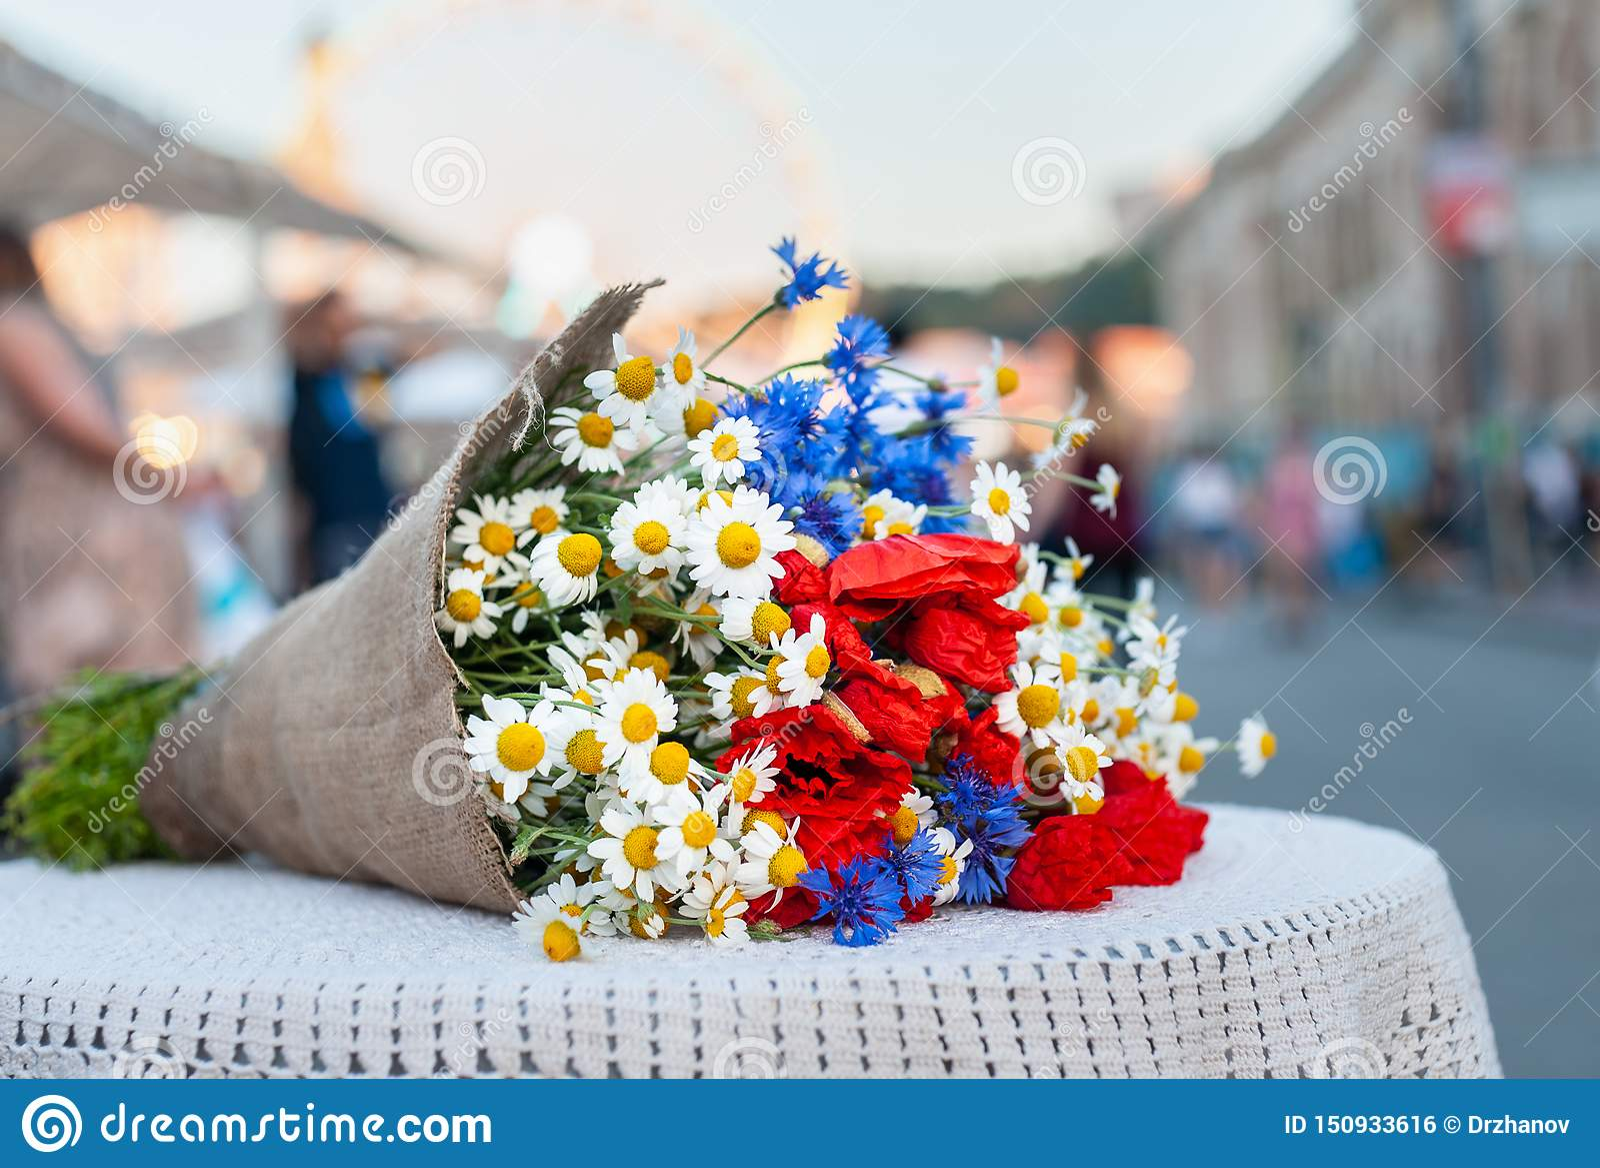 Großer Blumenstrauß von Wildflowers (Kamille, Flockenblume, Mohnblume) legt auf dem Tisch mit azurblauer weißer Tischdecke auf un